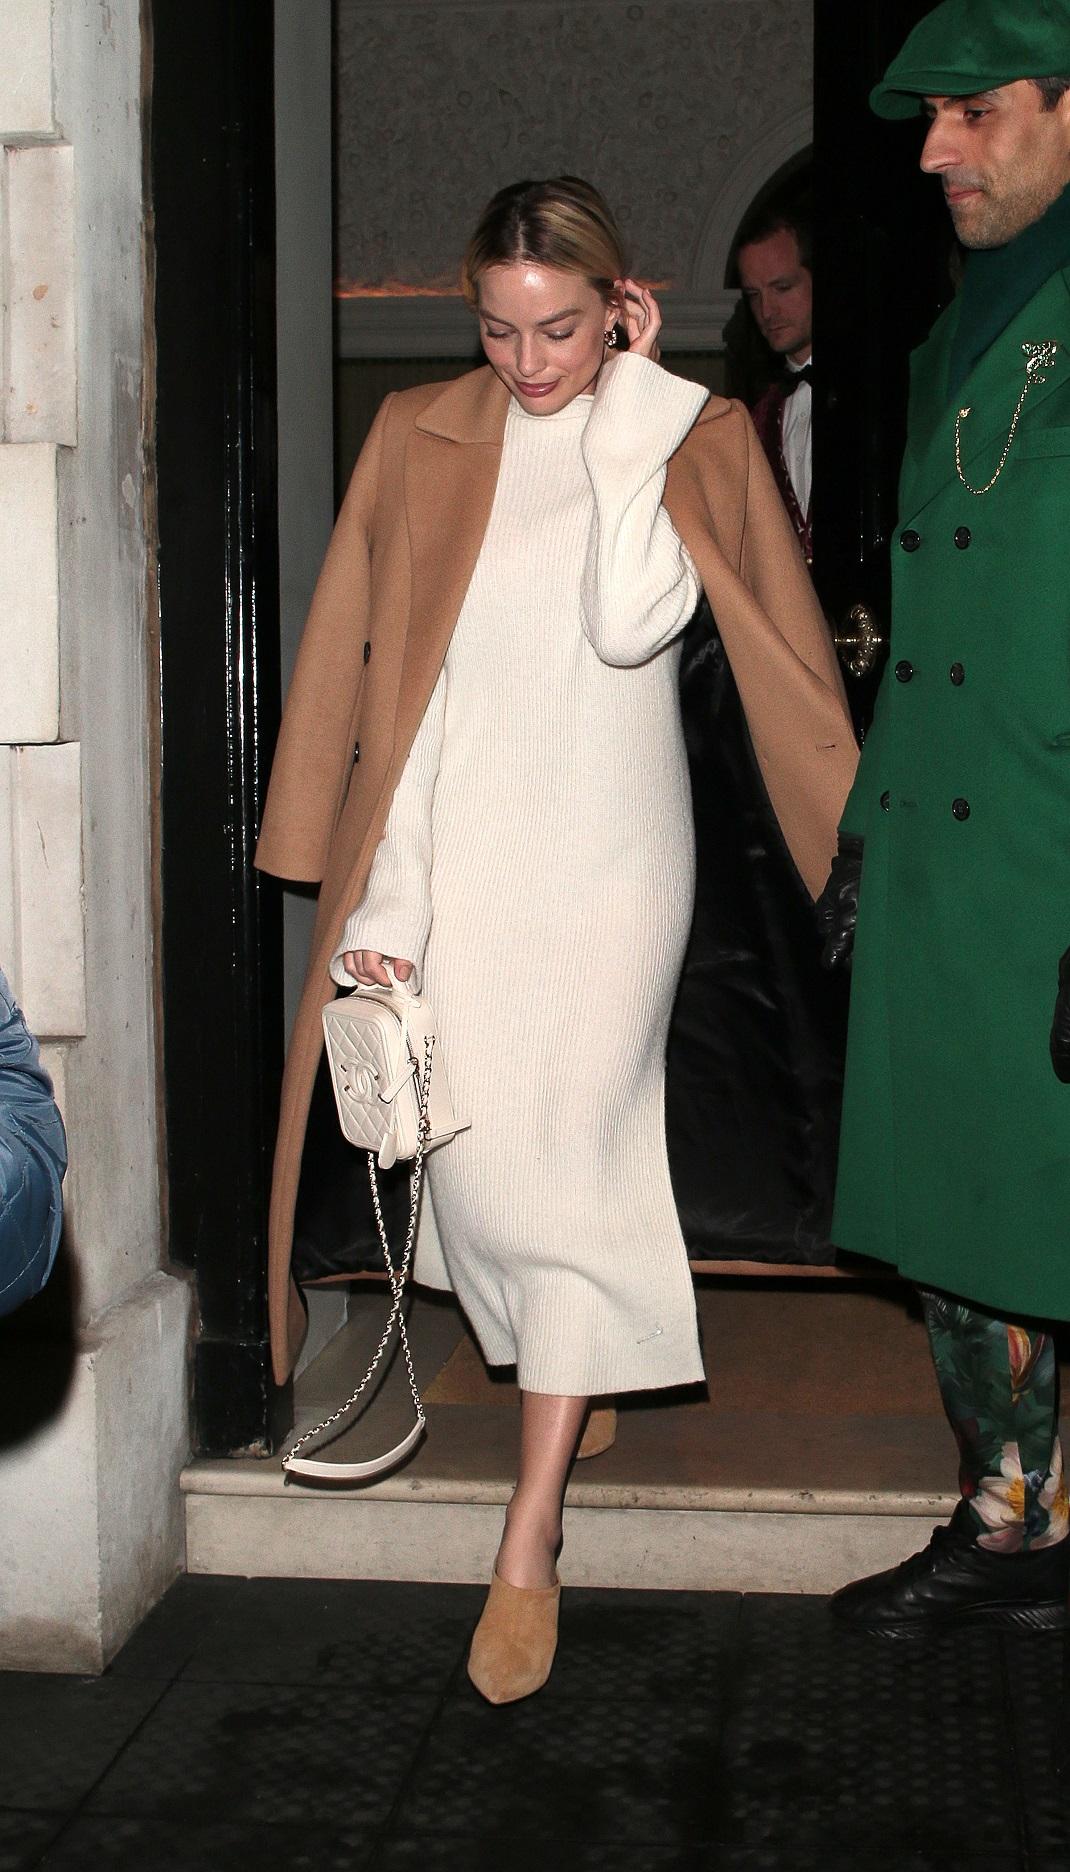 η Μάργκο Ρόμπι με μίντι πλεκτό λευκό φόρεμα